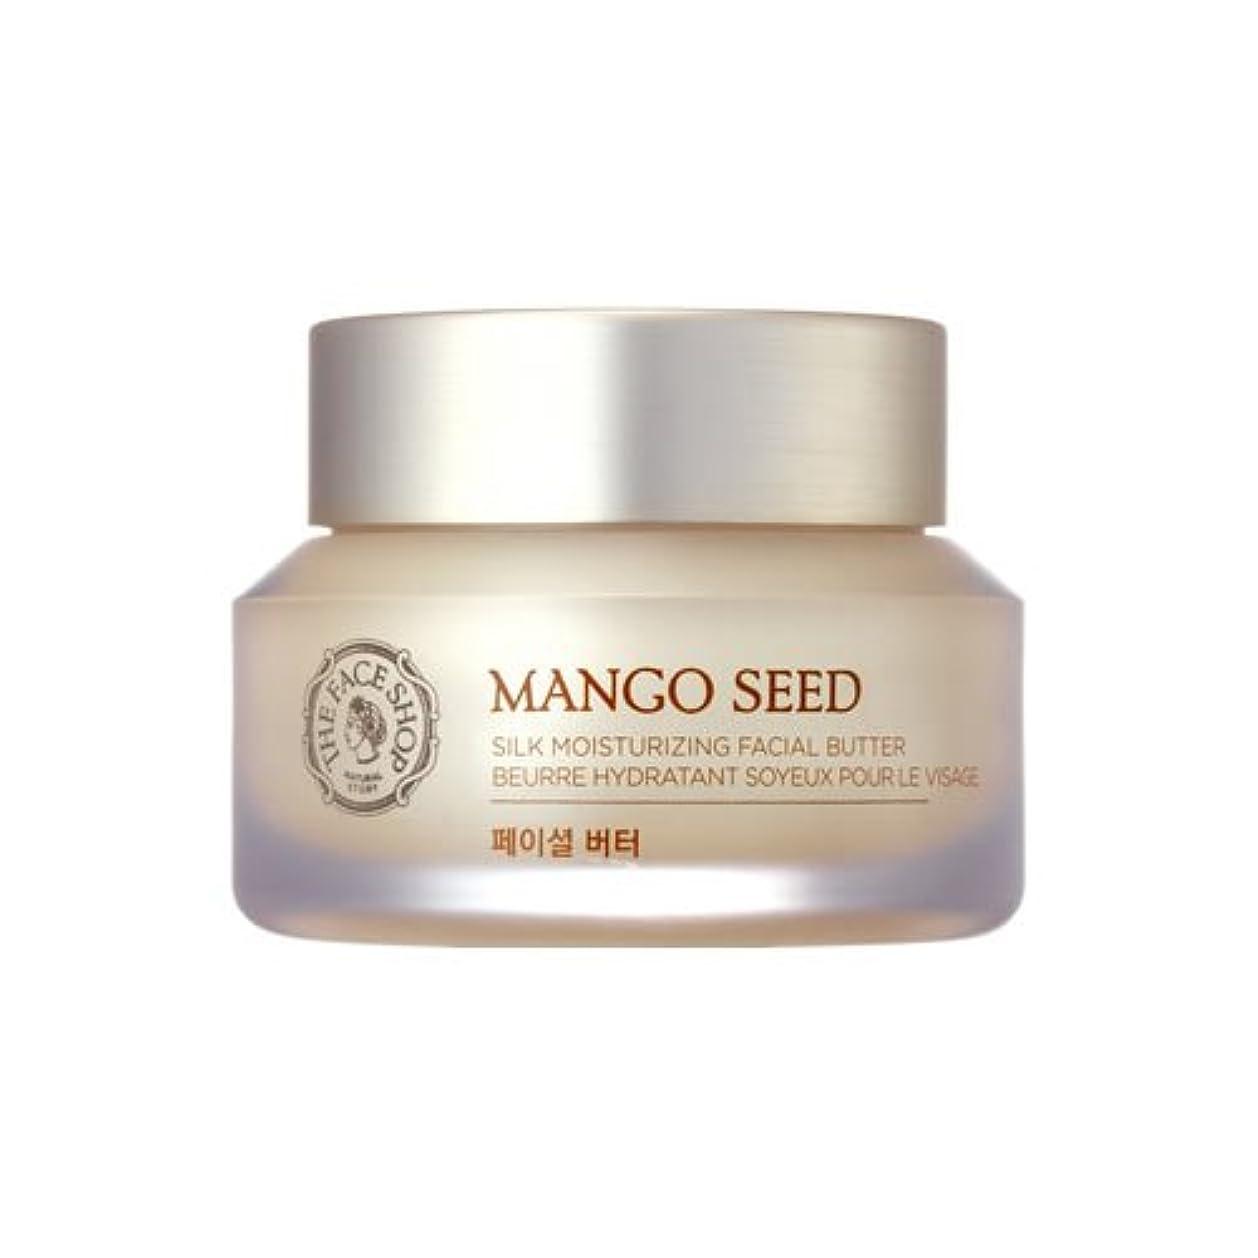 フライカイト志すモチーフThe Face Shop ザ?フェースショップ マンゴ?シード?シルク?モイスチャーライジング?フェイシャルバター 50ml (Mango Seed Silk Moisturizing Facial Butter) 海外直送品